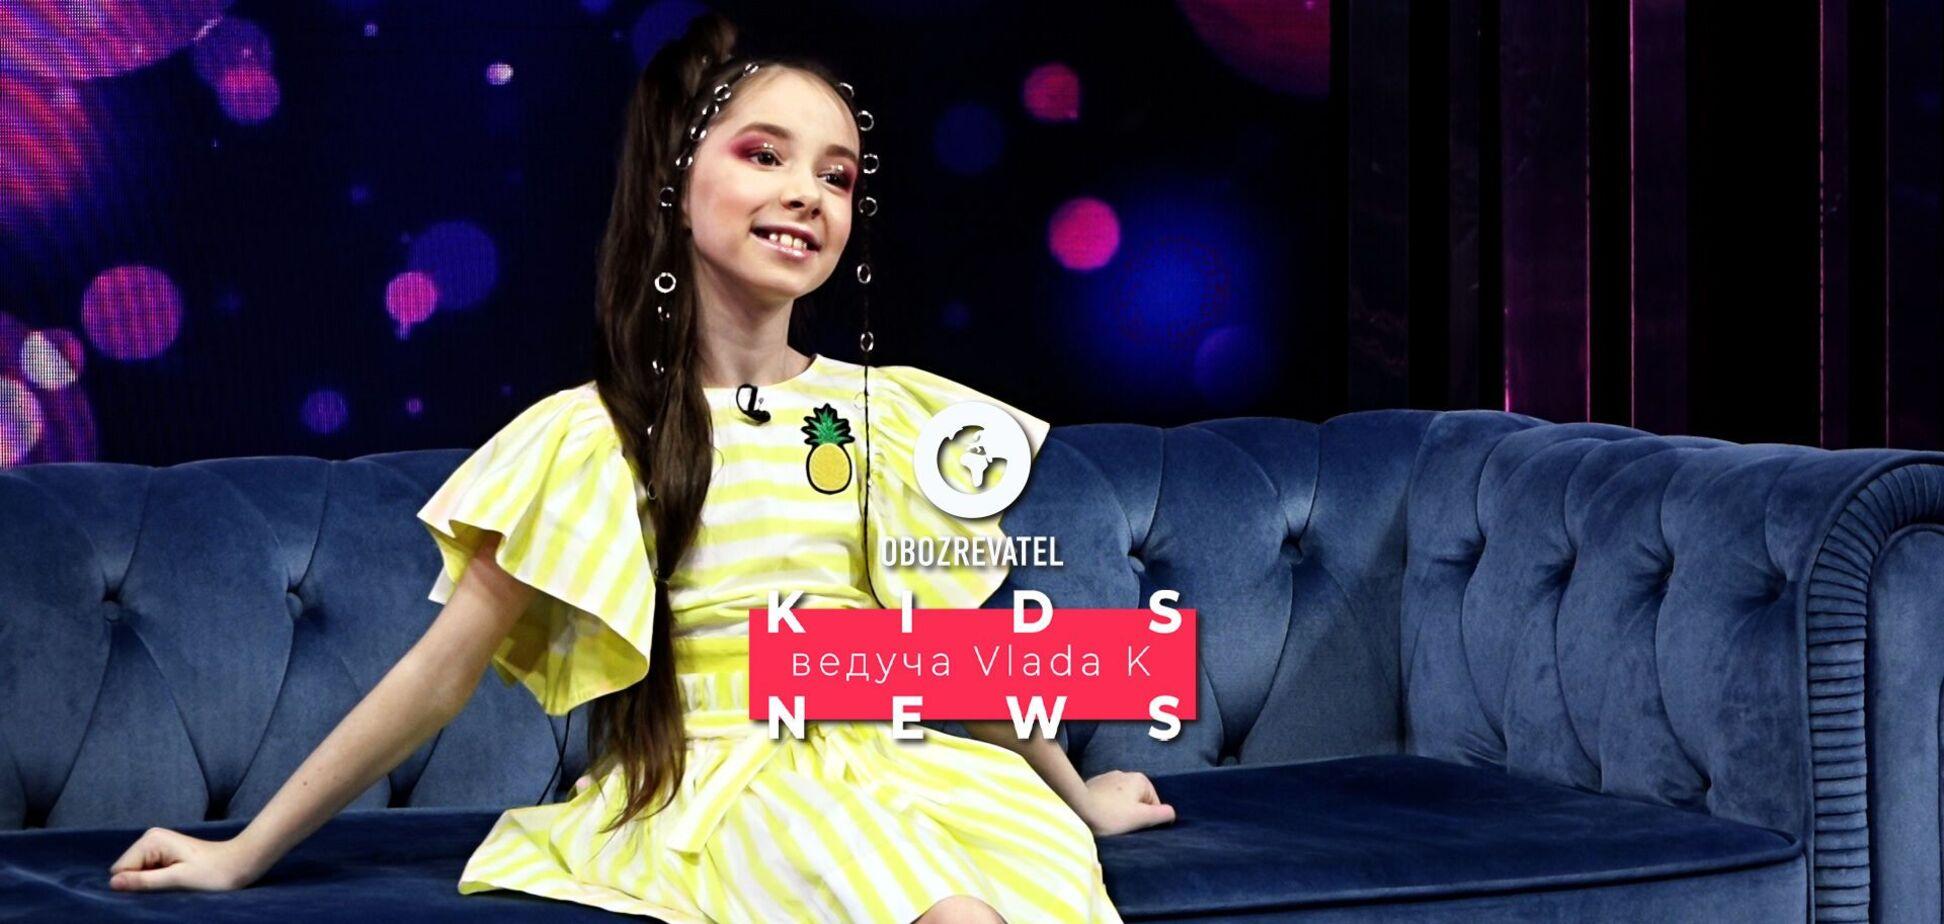 Чим розбурхує інтернет співачка Ріанна? Дивіться в KIDS NEWS з Vlada K!